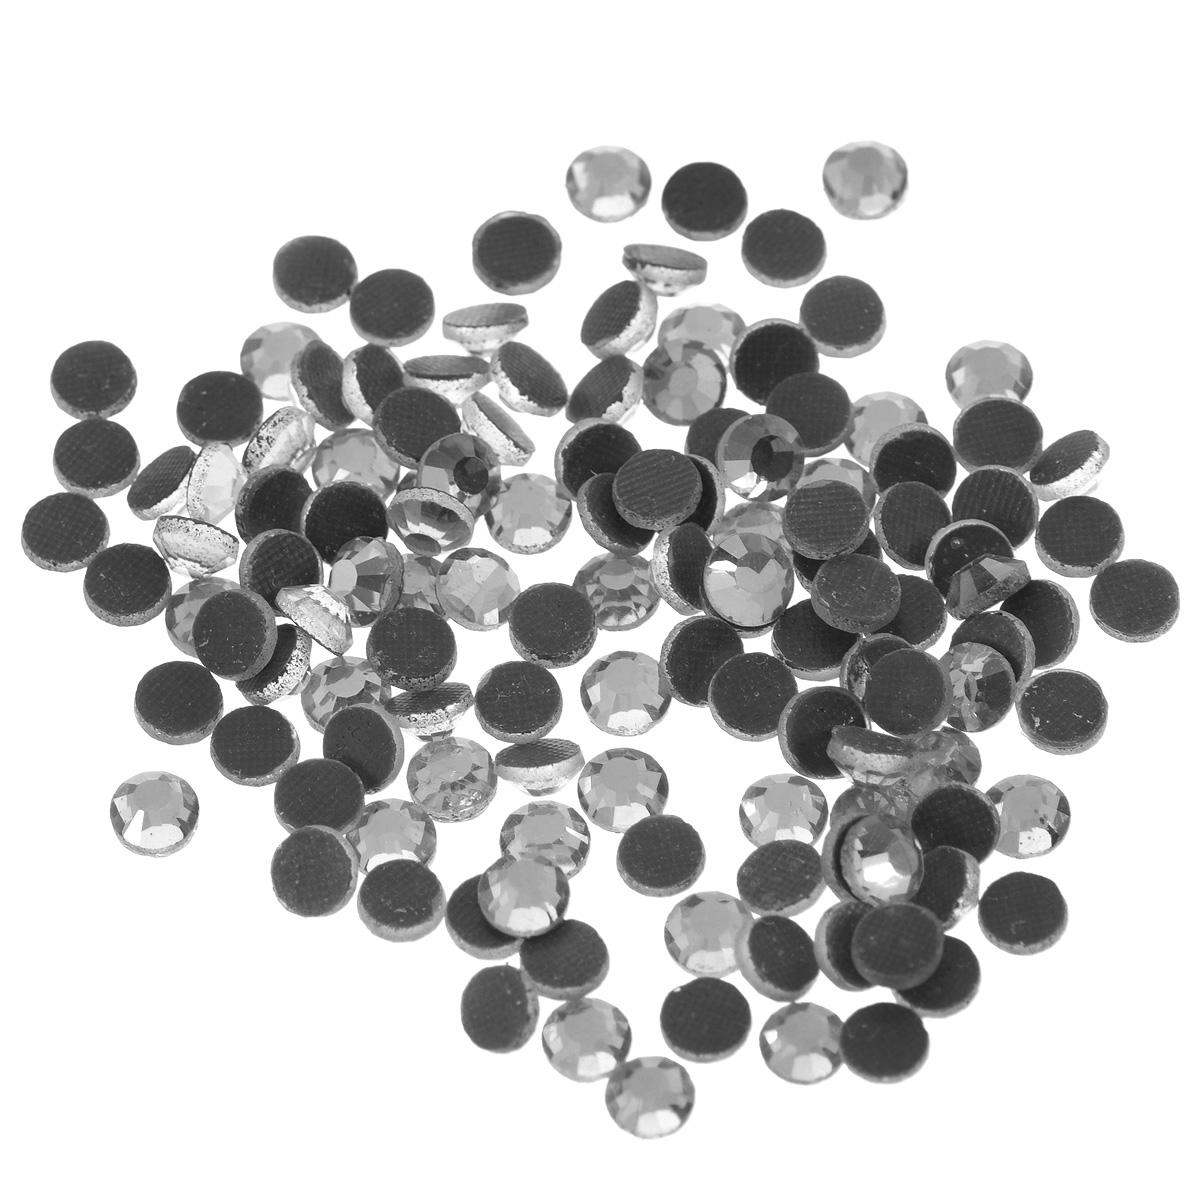 Стразы термоклеевые Cristal, цвет: серебристый, диаметр 4,8 мм, 144 шт7706832_сереброНабор термоклеевых страз Cristal, изготовленный из высококачественного акрила, позволит вам украсить одежду, аксессуары или текстиль. Яркие стразы имеют плоское дно и круглую поверхность с гранями. Дно термоклеевых страз уже обработано особым клеем, который под воздействием высоких температур начинает плавиться, приклеиваясь, таким образом, к требуемой поверхности. Чаще всего их используют в текстильной промышленности: стразы прикладывают к ткани и проглаживают утюгом с обратной стороны. Также можно использовать специальный паяльник. Украшение стразами поможет сделать любую вещь оригинальной и неповторимой. Диаметр стразы: 4,8 мм.